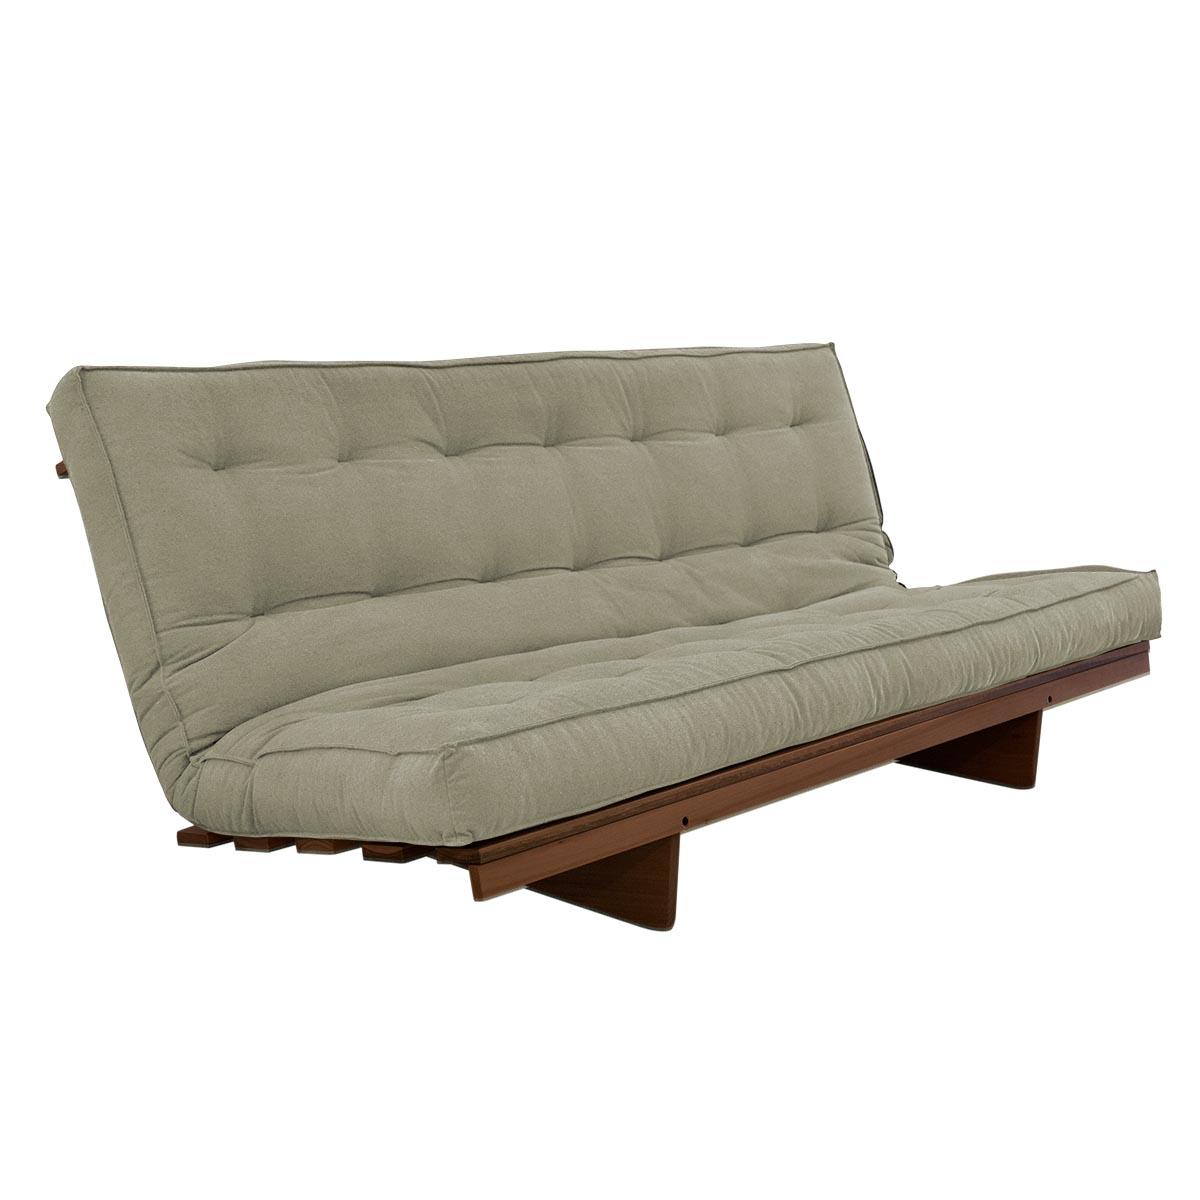 Sofa-Cama-Chelsea-Tecido-Ecolona-Caqui-02-01